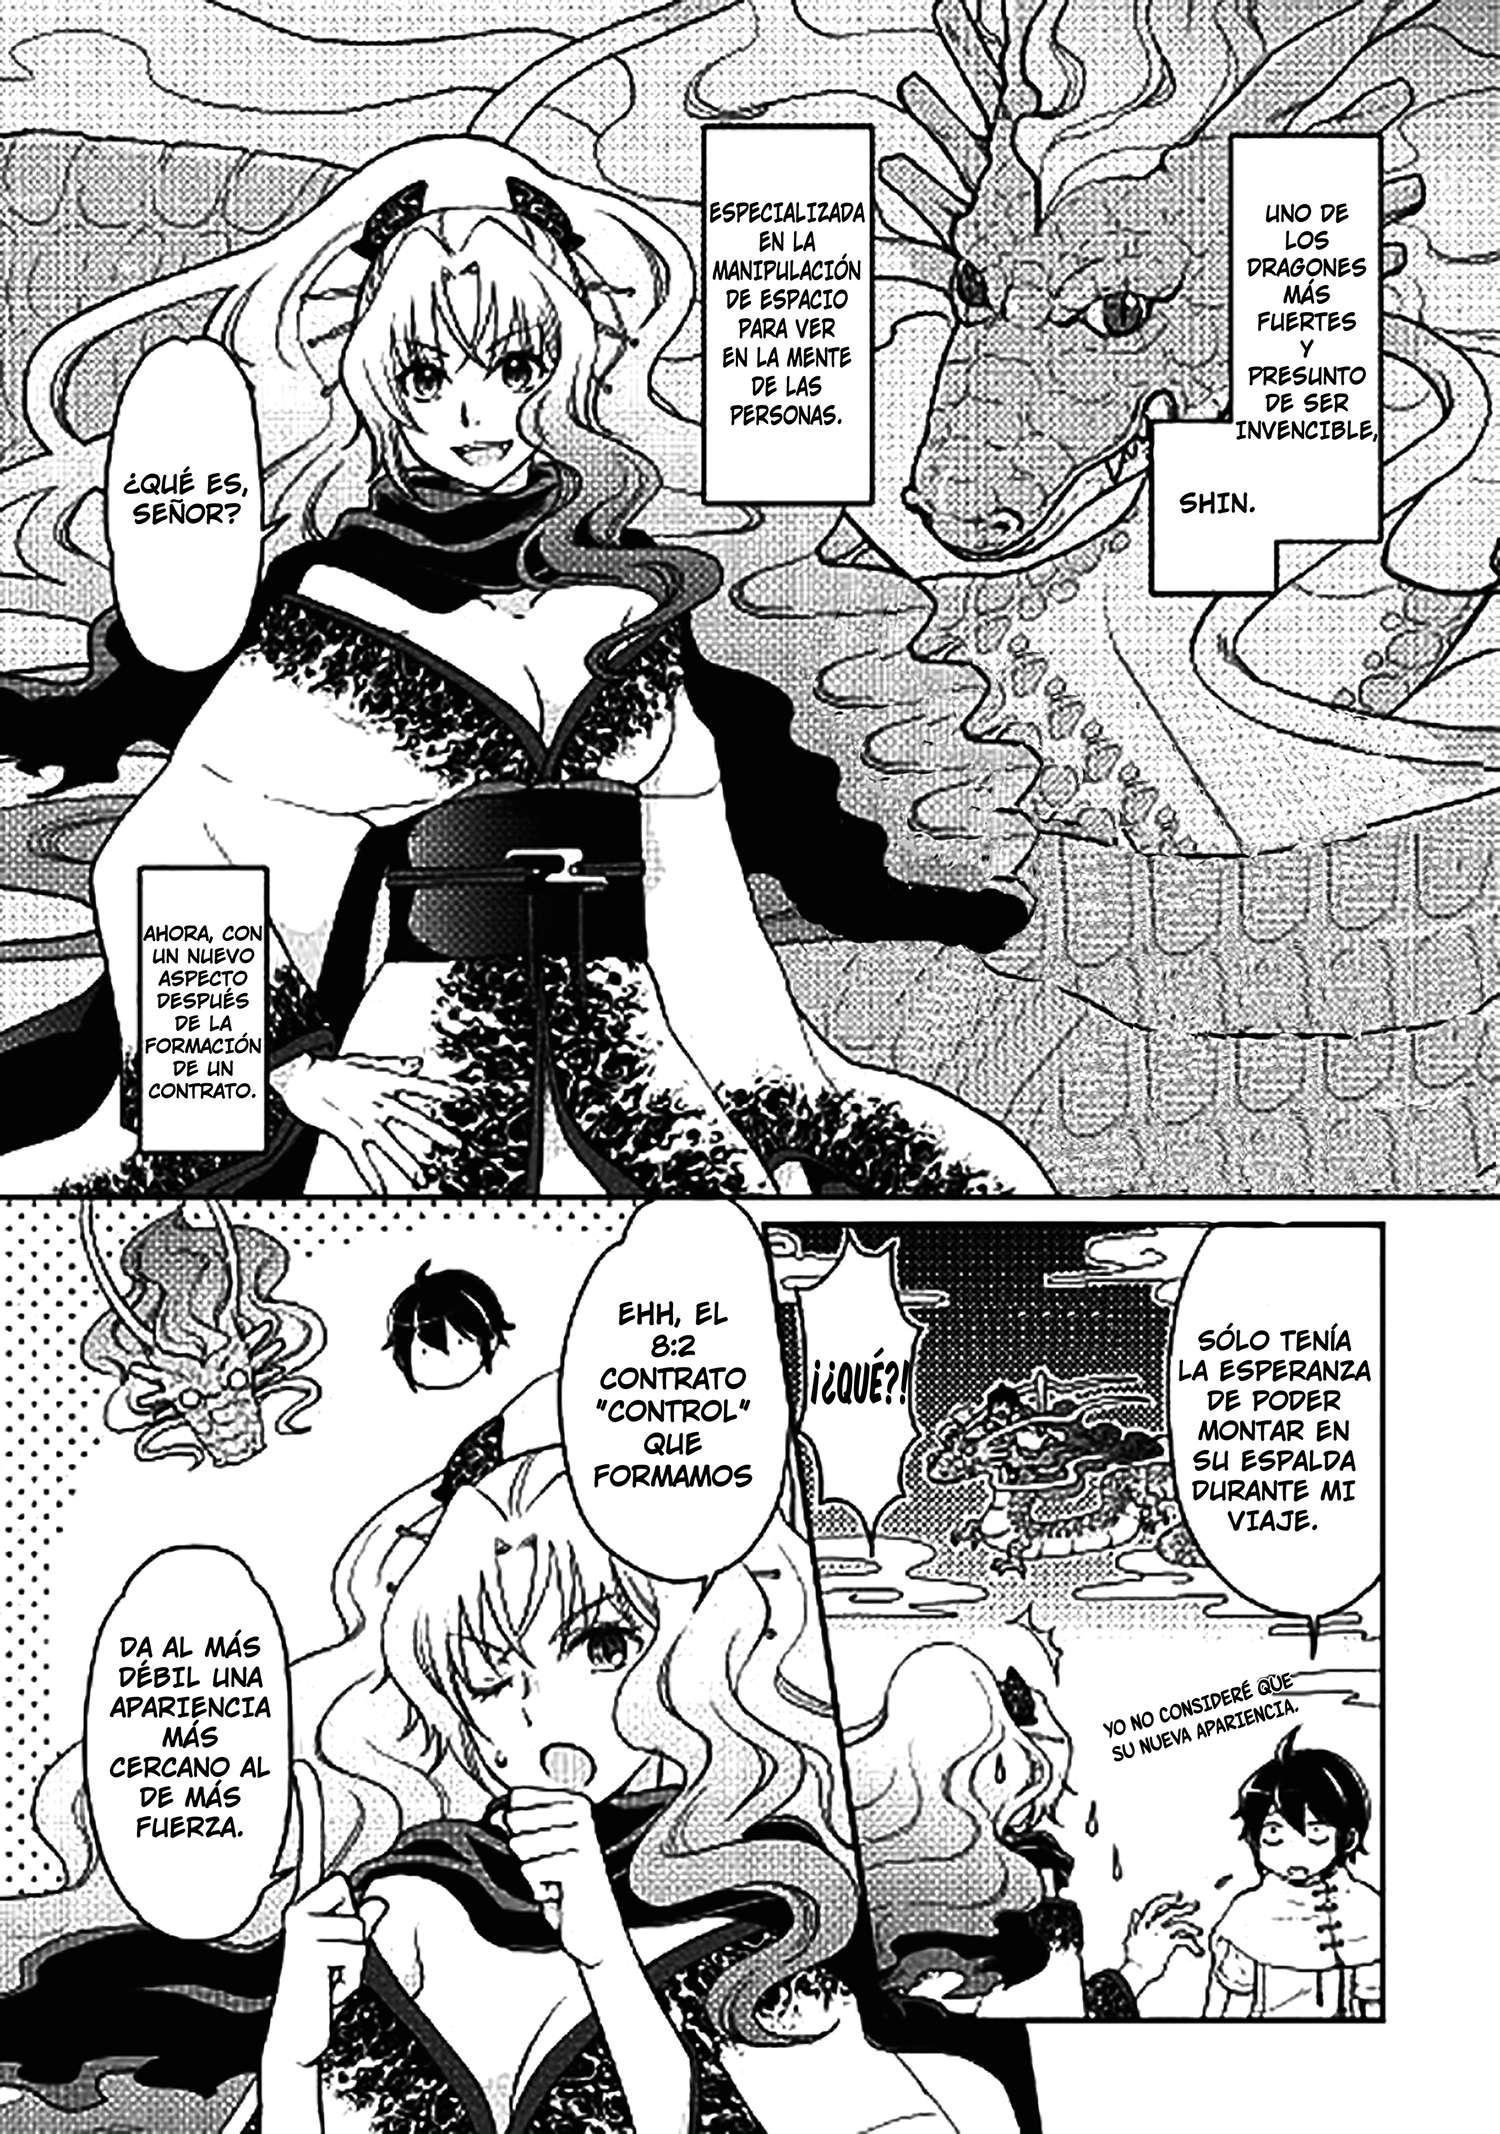 https://c5.ninemanga.com/es_manga/2/18562/432723/4eb81054ac403d32fd01ddb706f2934e.jpg Page 2